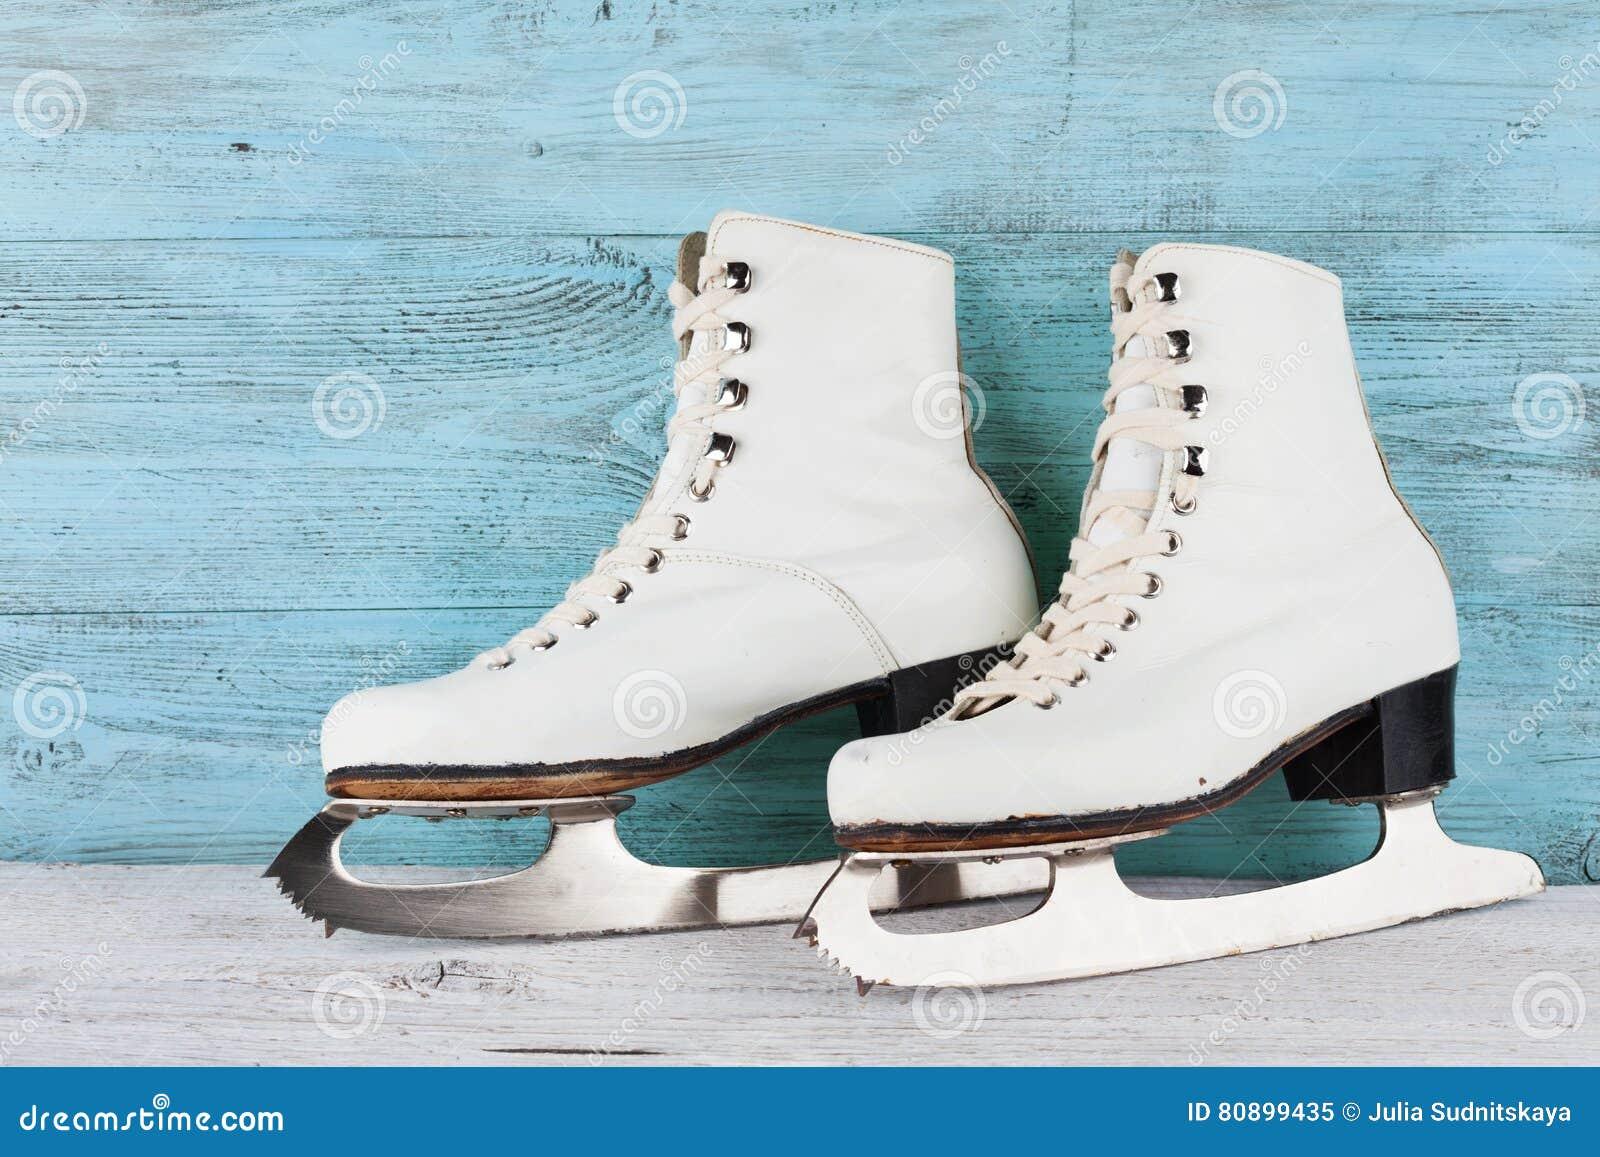 Roller skates for figure skating - Vintage Ice Skates For Figure Skating On Turquoise Background